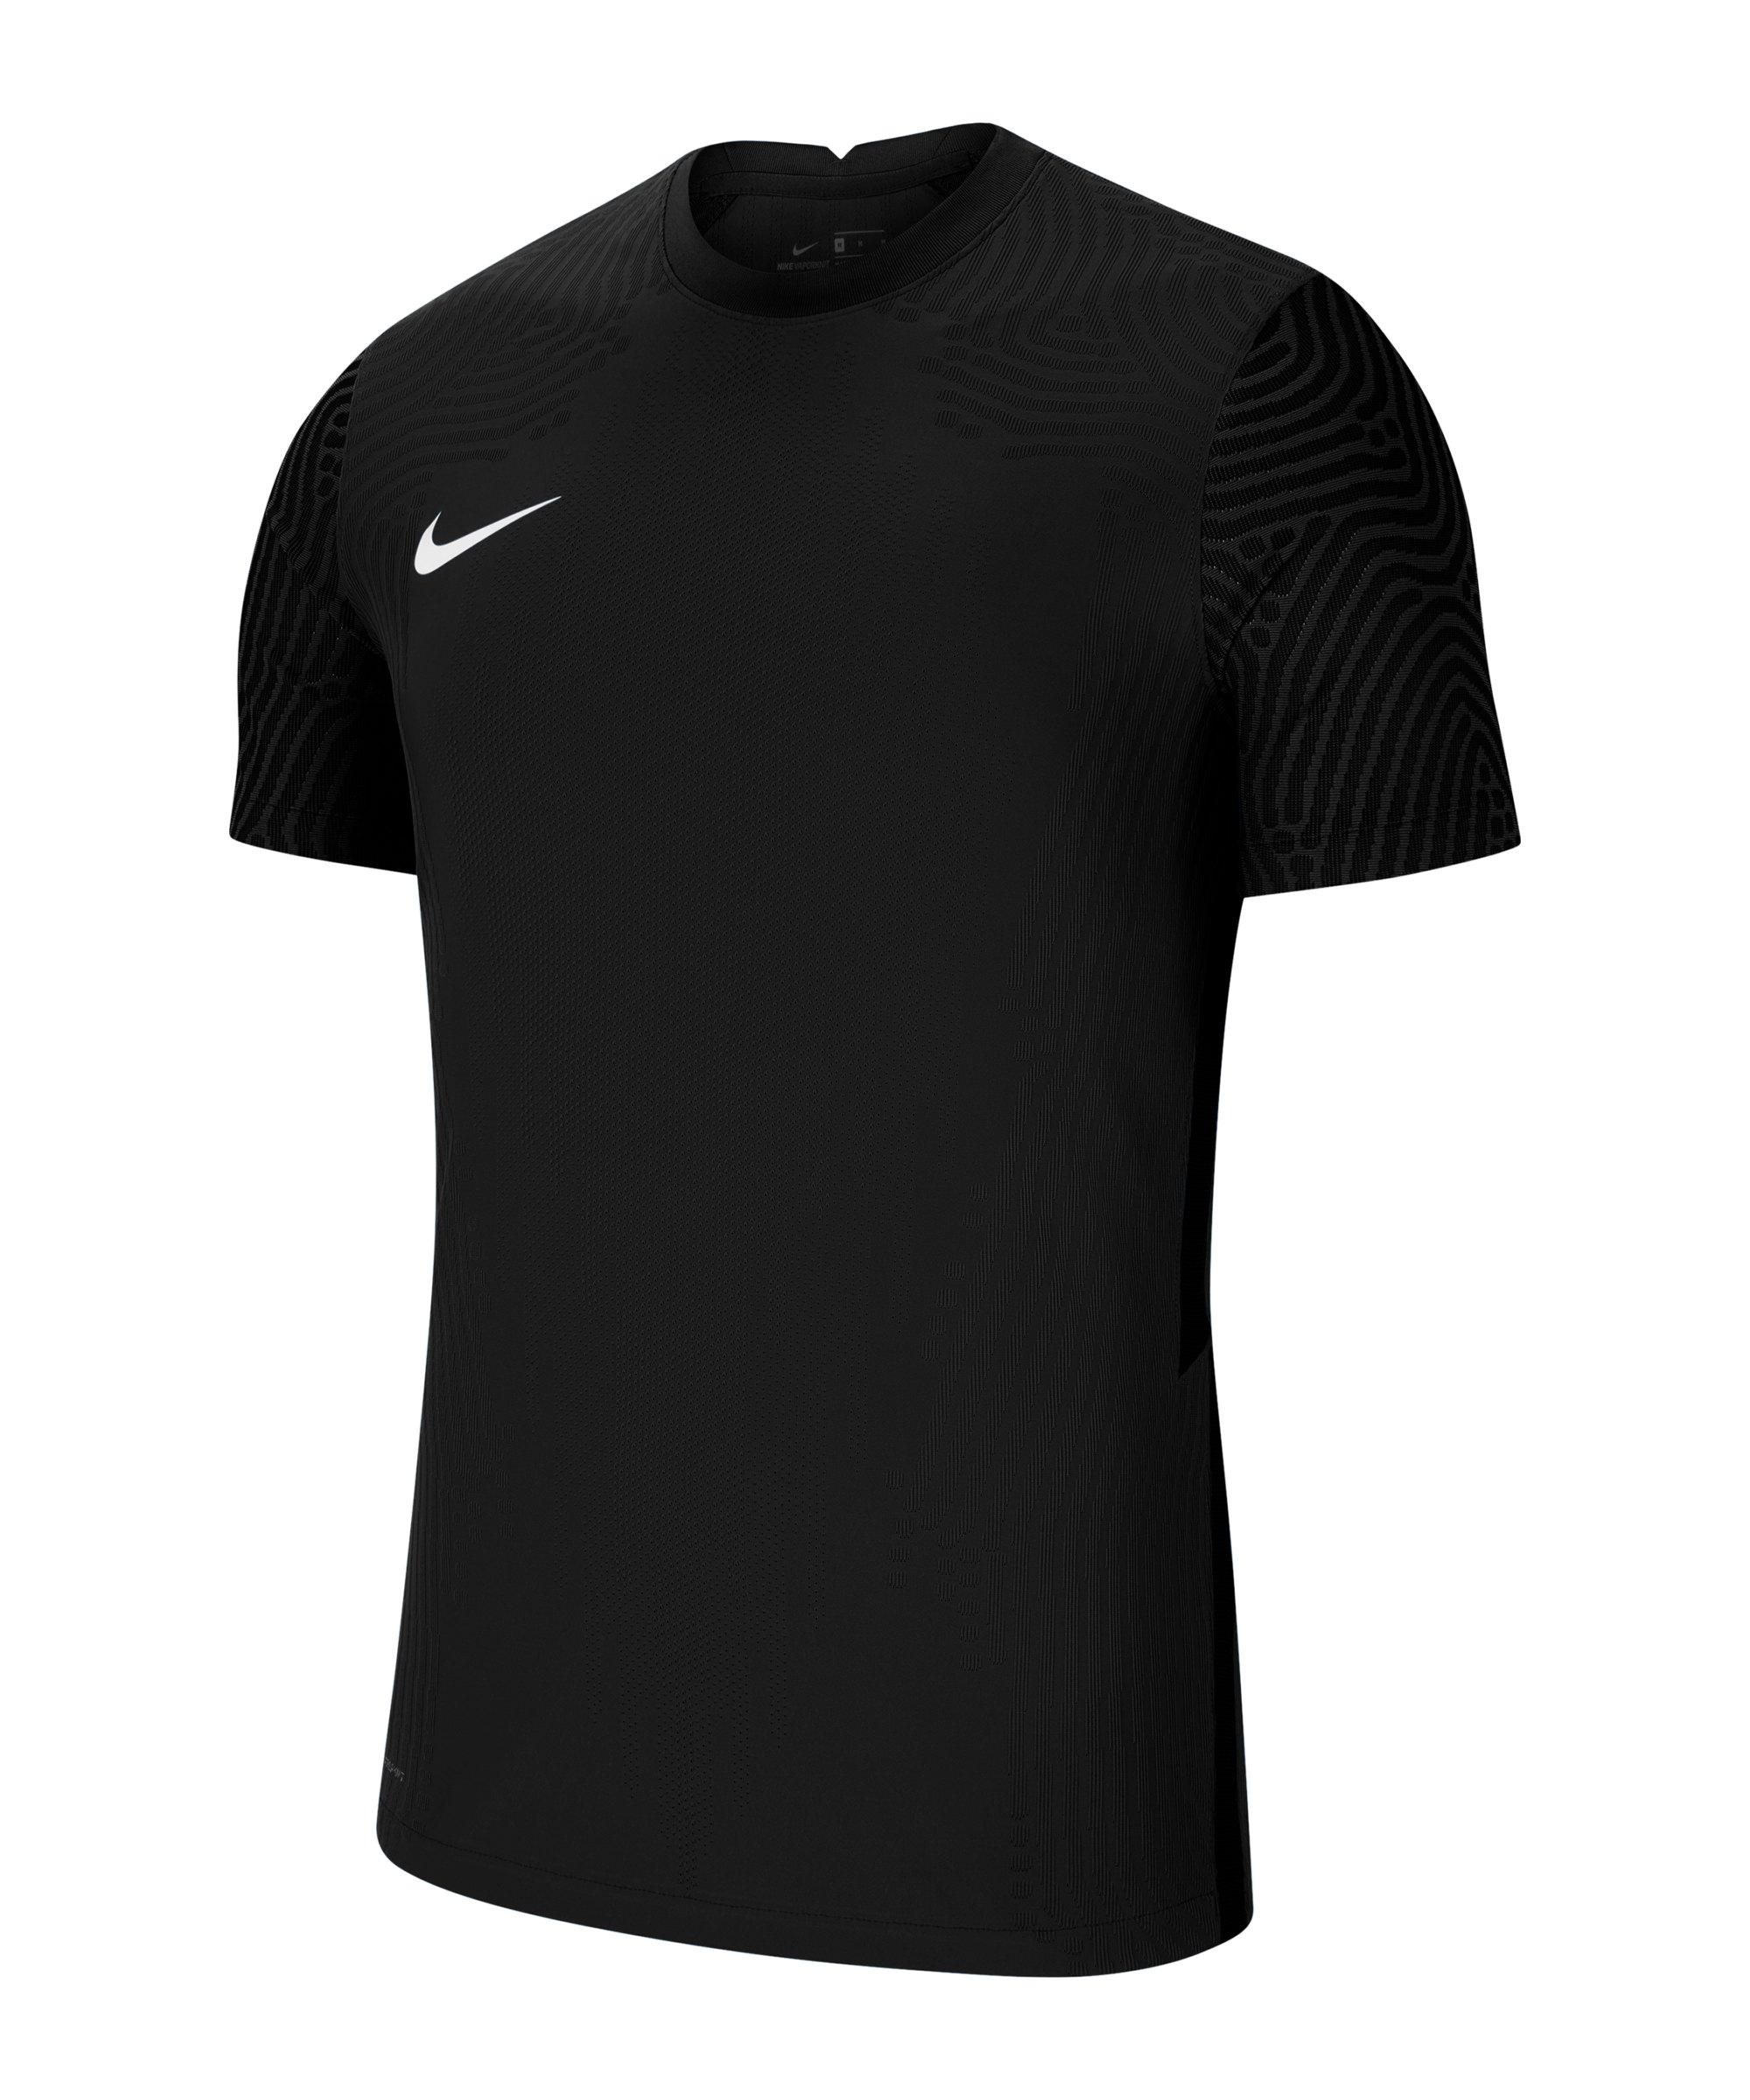 Nike Vaporknit III Trikot kurzarm Schwarz F010 - schwarz